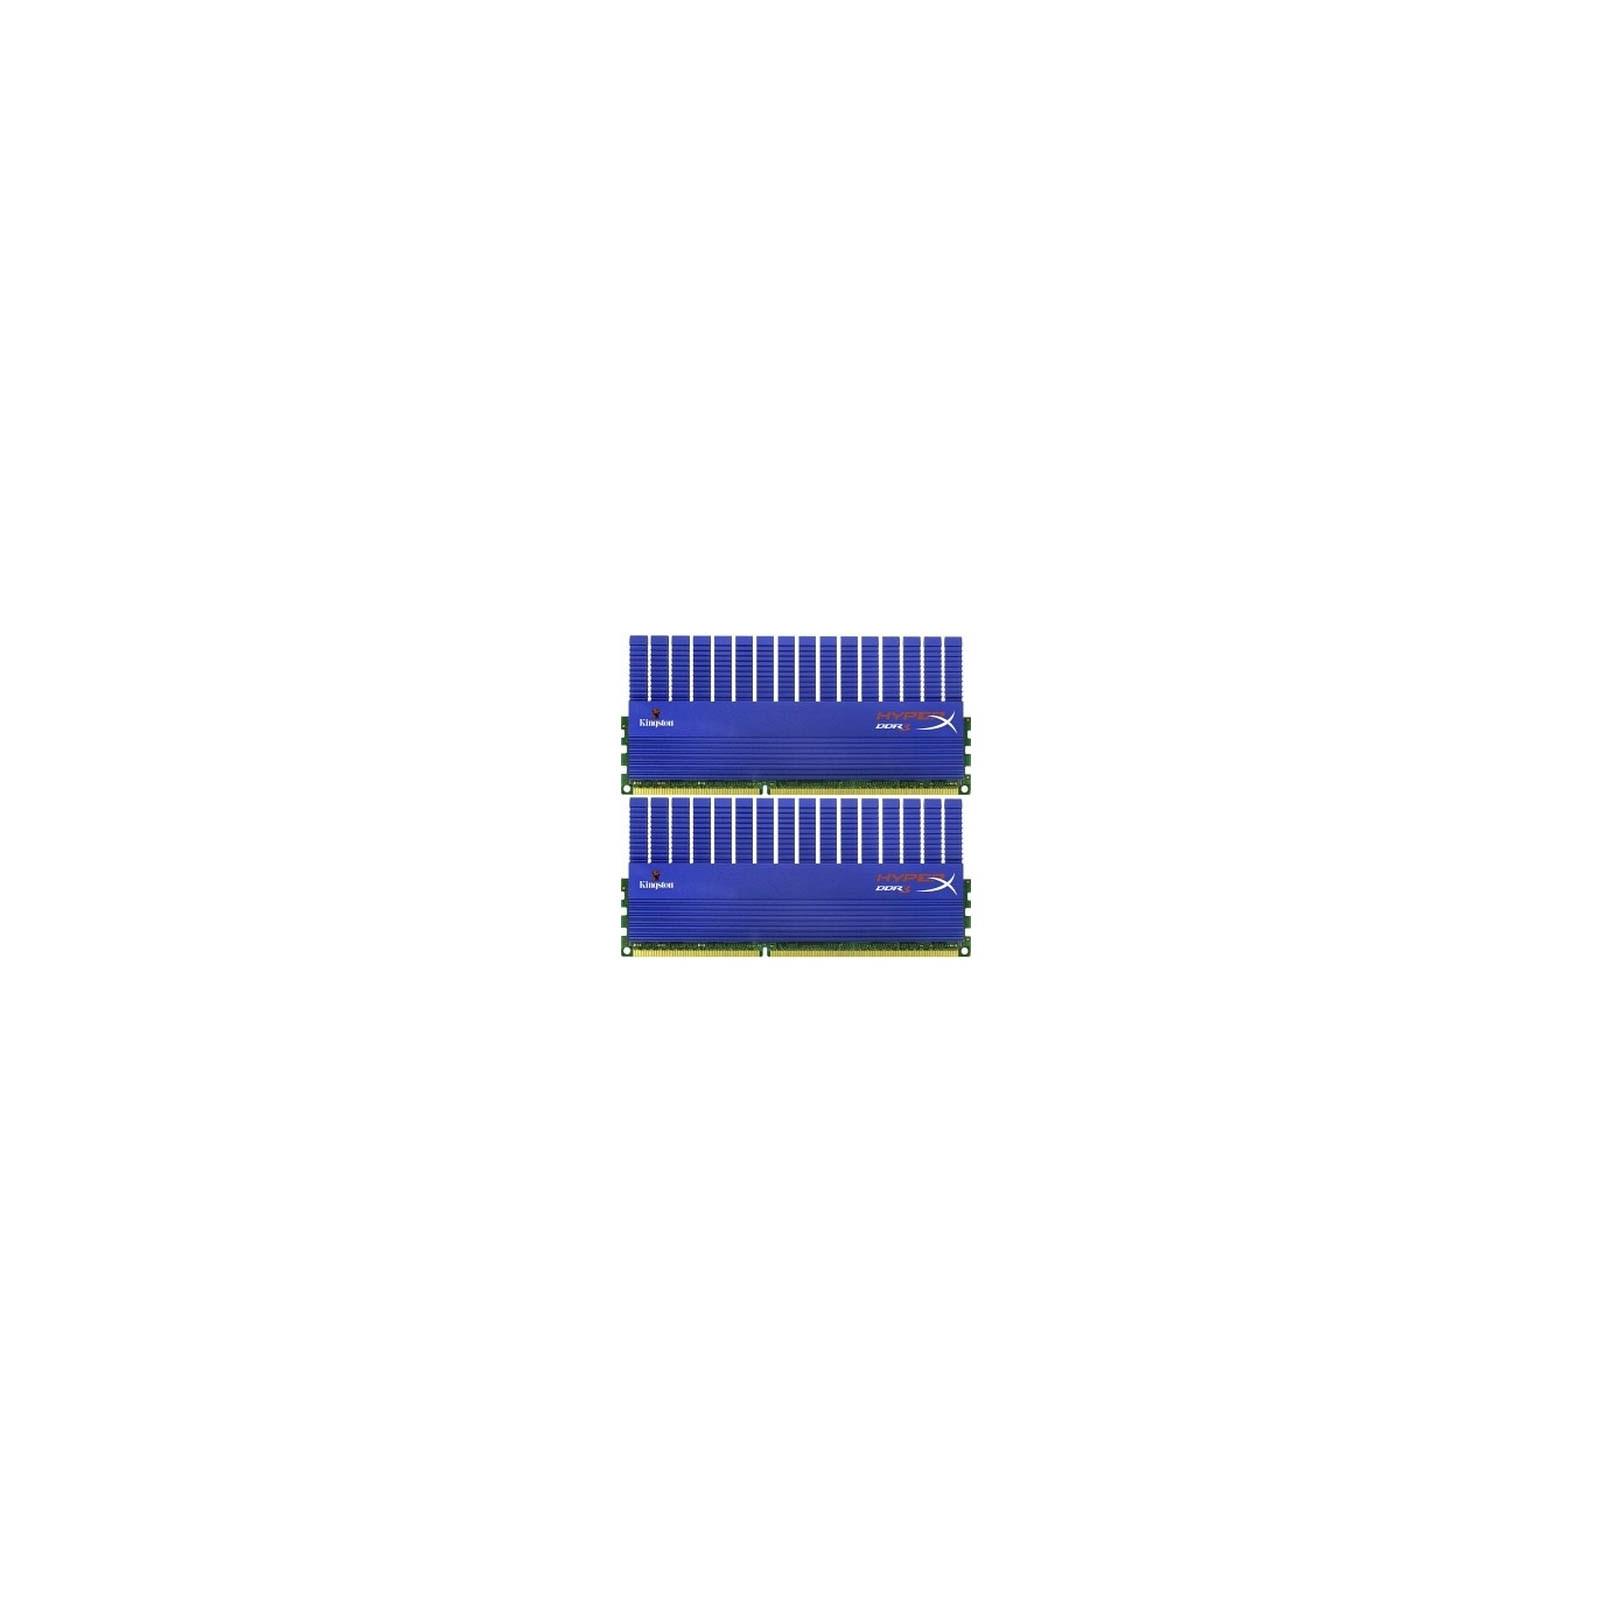 Модуль памяти для компьютера DDR3 4GB (2x2GB) 1866 MHz Kingston (KHX1866C9D3T1K2/4GX)